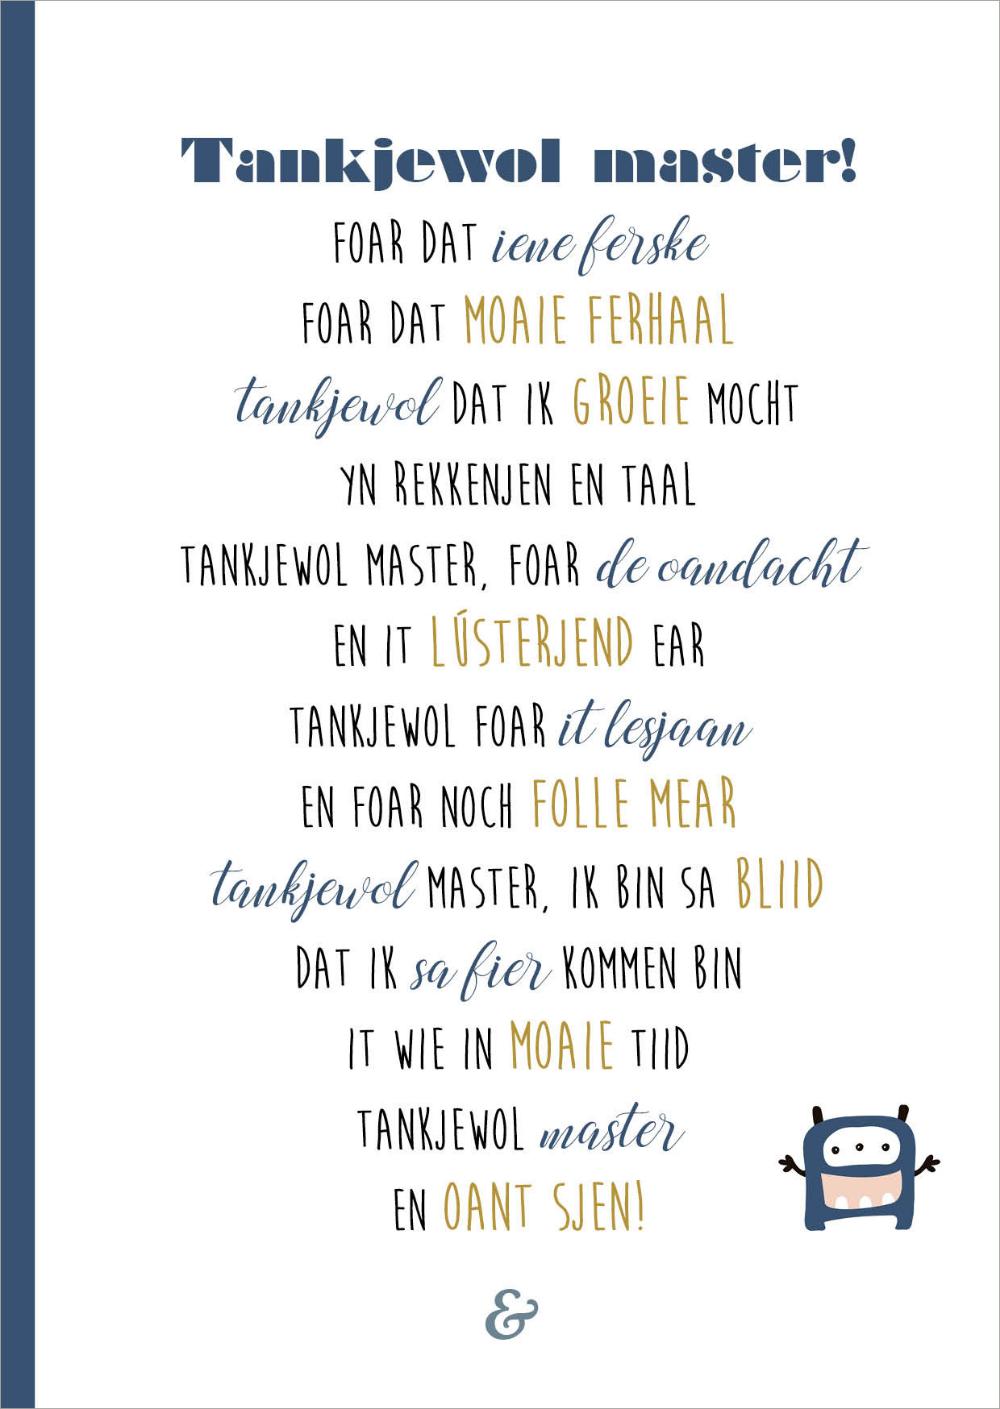 Uitgelezene Leuk bedanktkaartsje mei gedicht foar de master! / Leuk Fries YQ-65